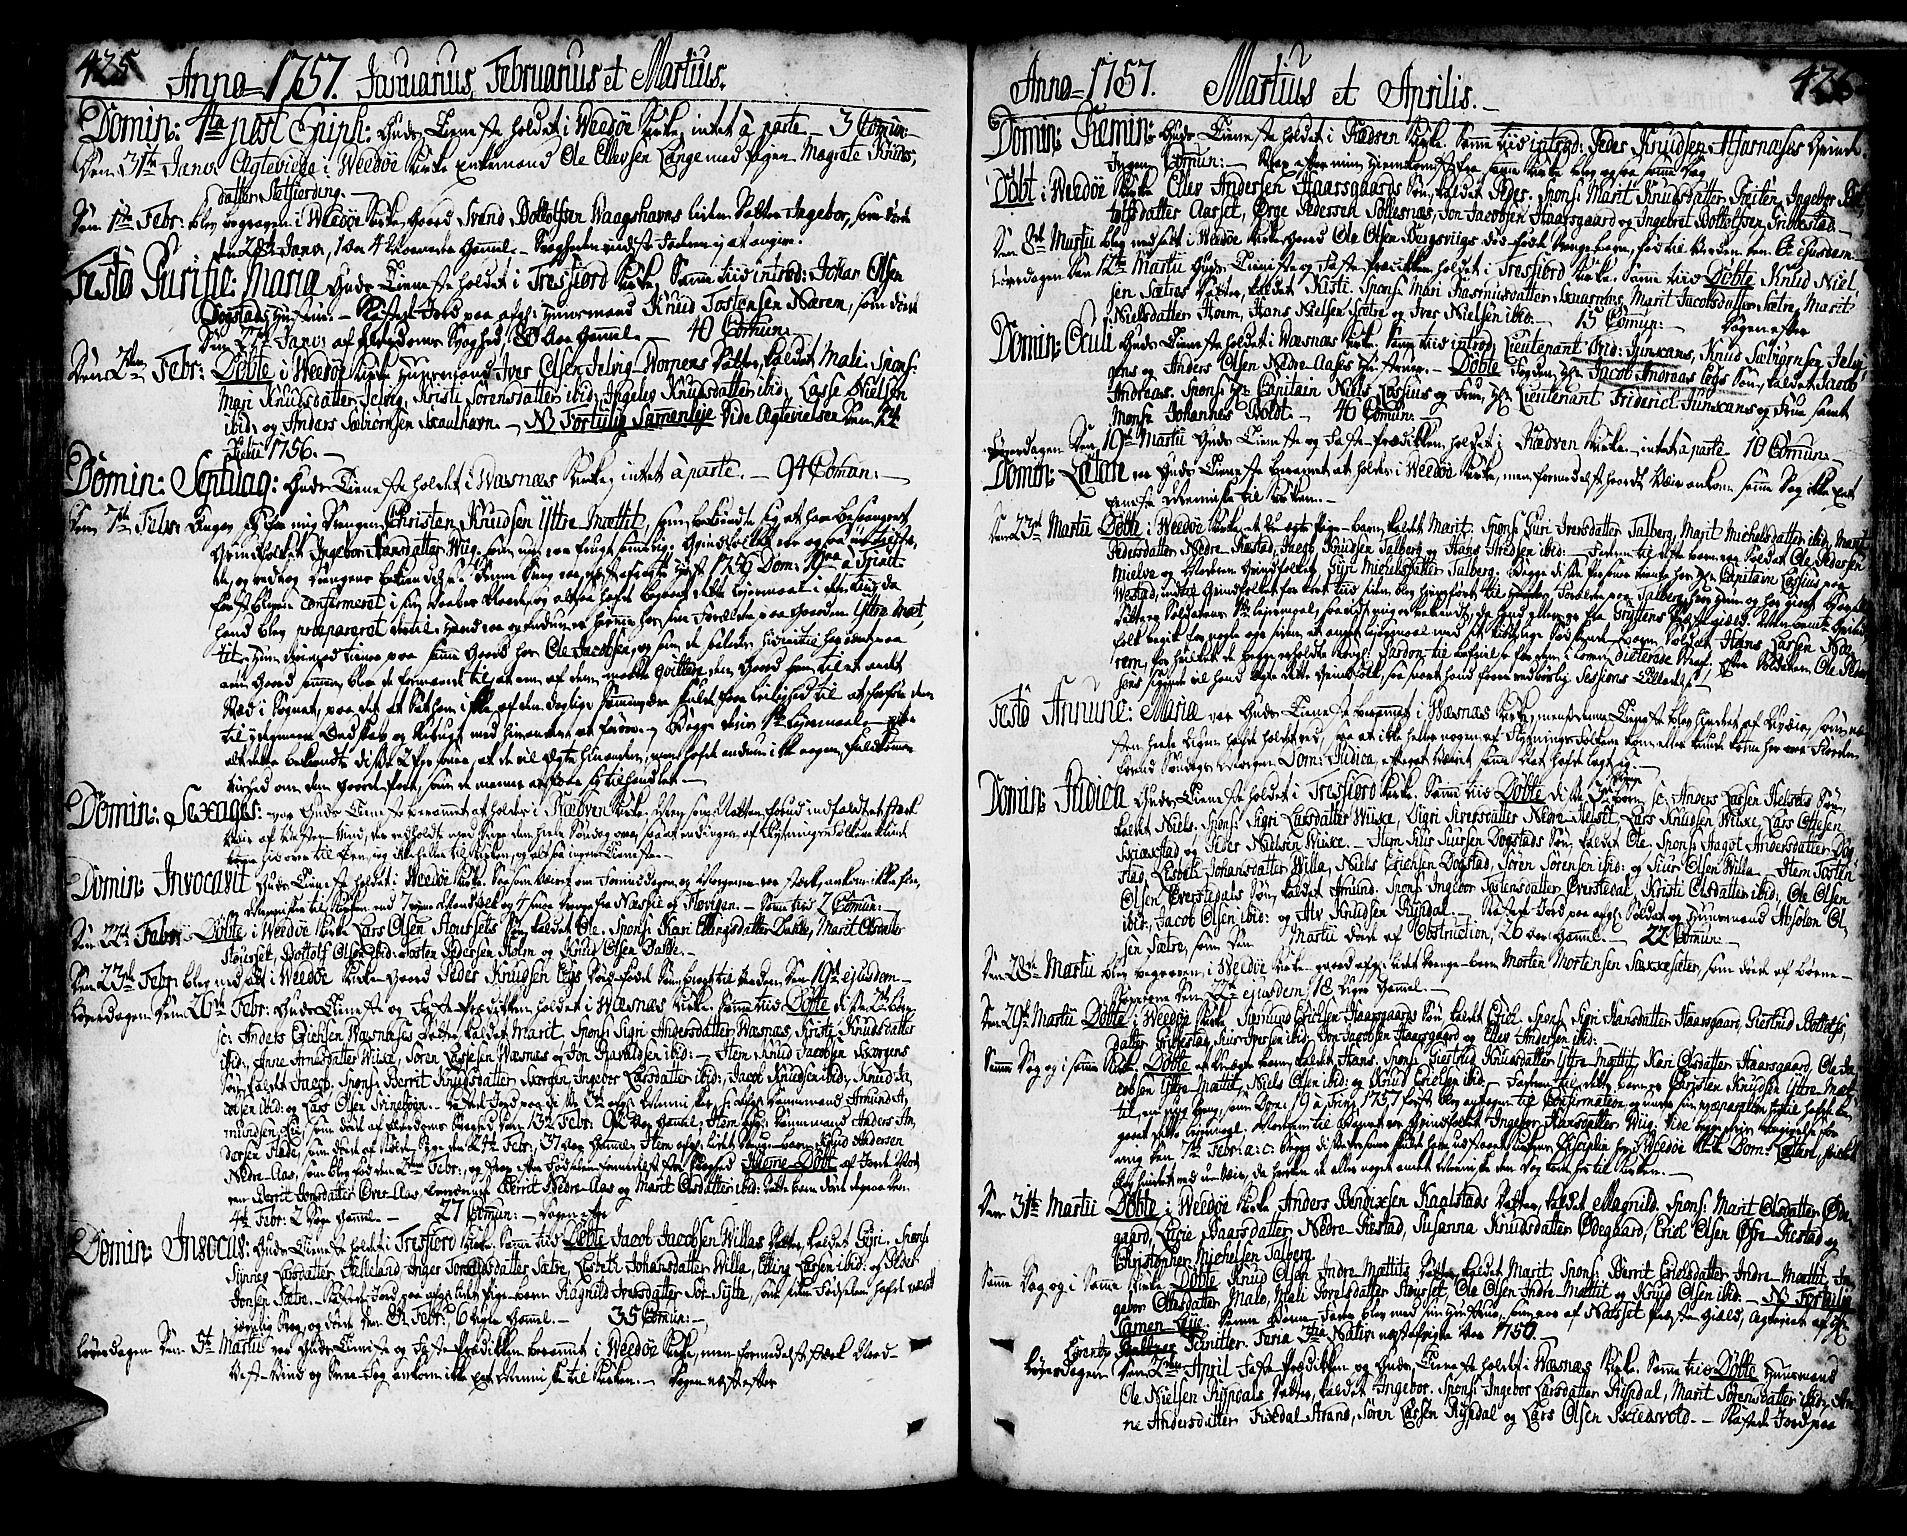 SAT, Ministerialprotokoller, klokkerbøker og fødselsregistre - Møre og Romsdal, 547/L0599: Ministerialbok nr. 547A01, 1721-1764, s. 425-426